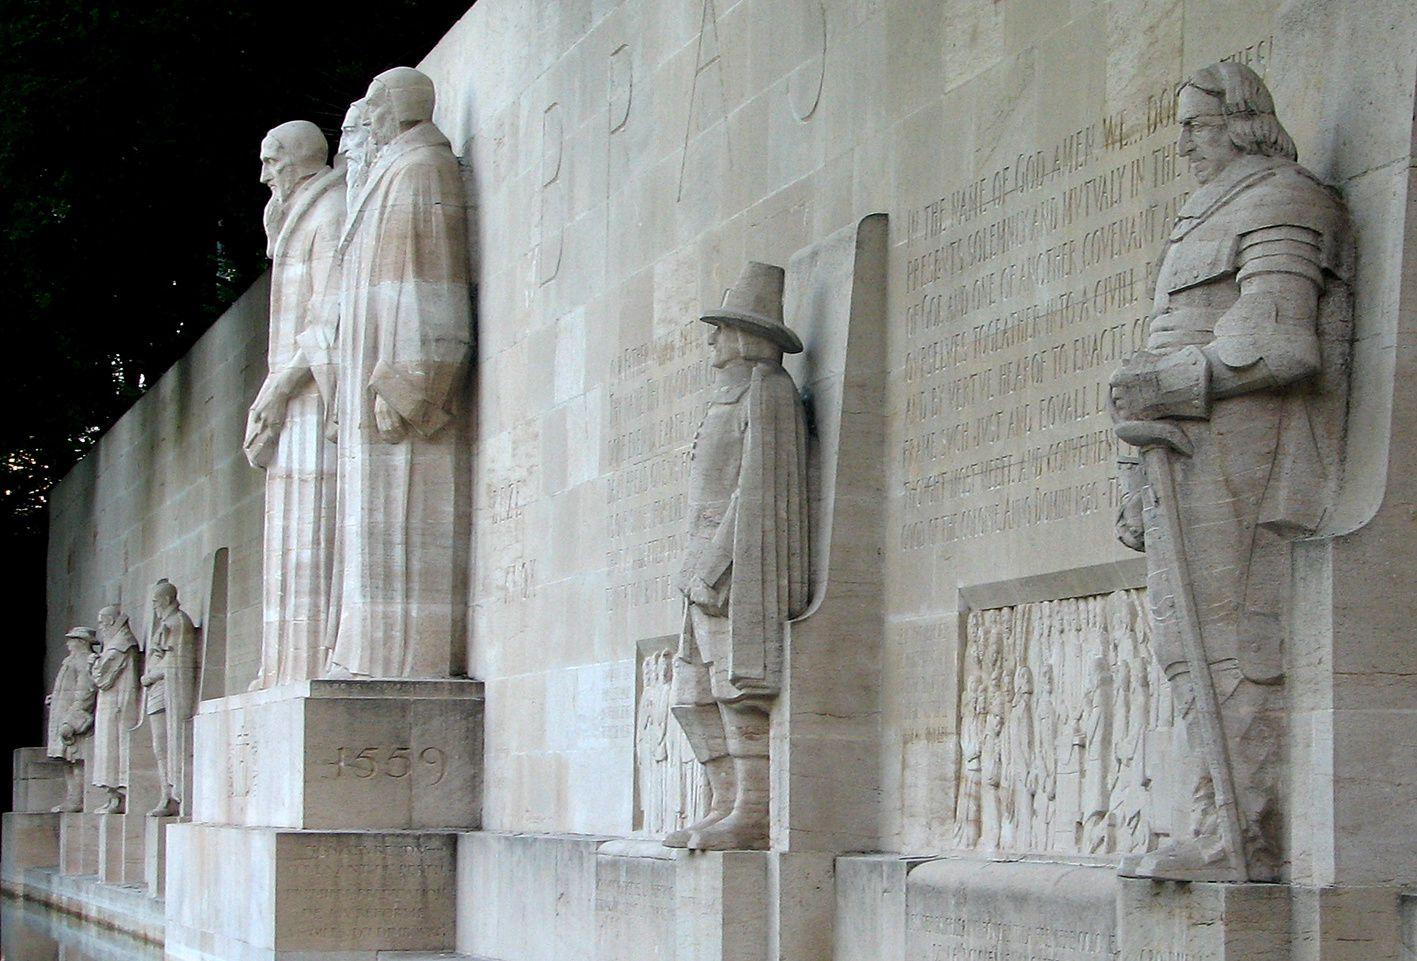 Deux puritains au mur des Réformateurs de Genève. A droite Cromwell en armure et Roger Williams en tenue de Père pélerin